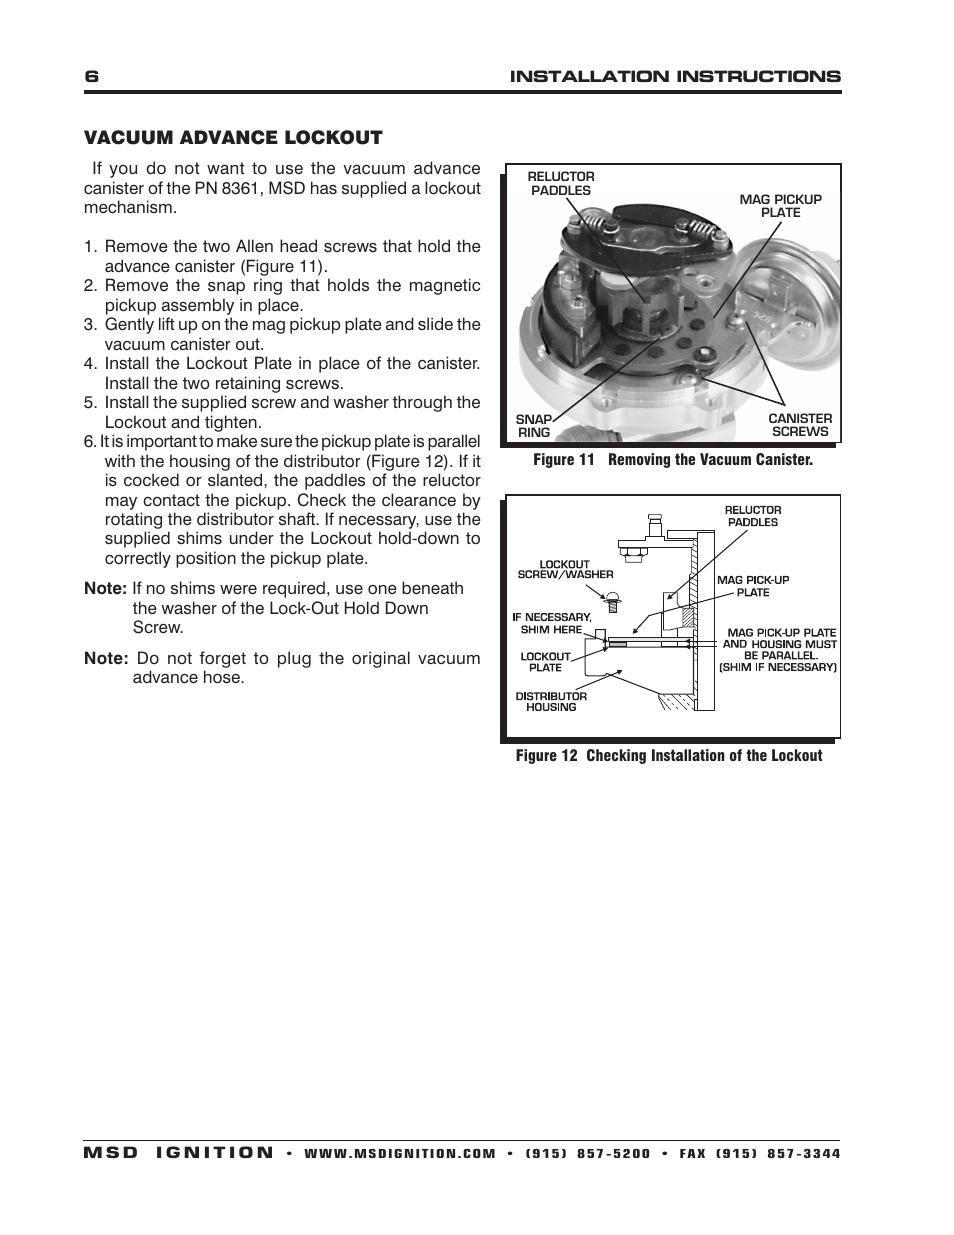 medium resolution of msd 8361 wiring diagram